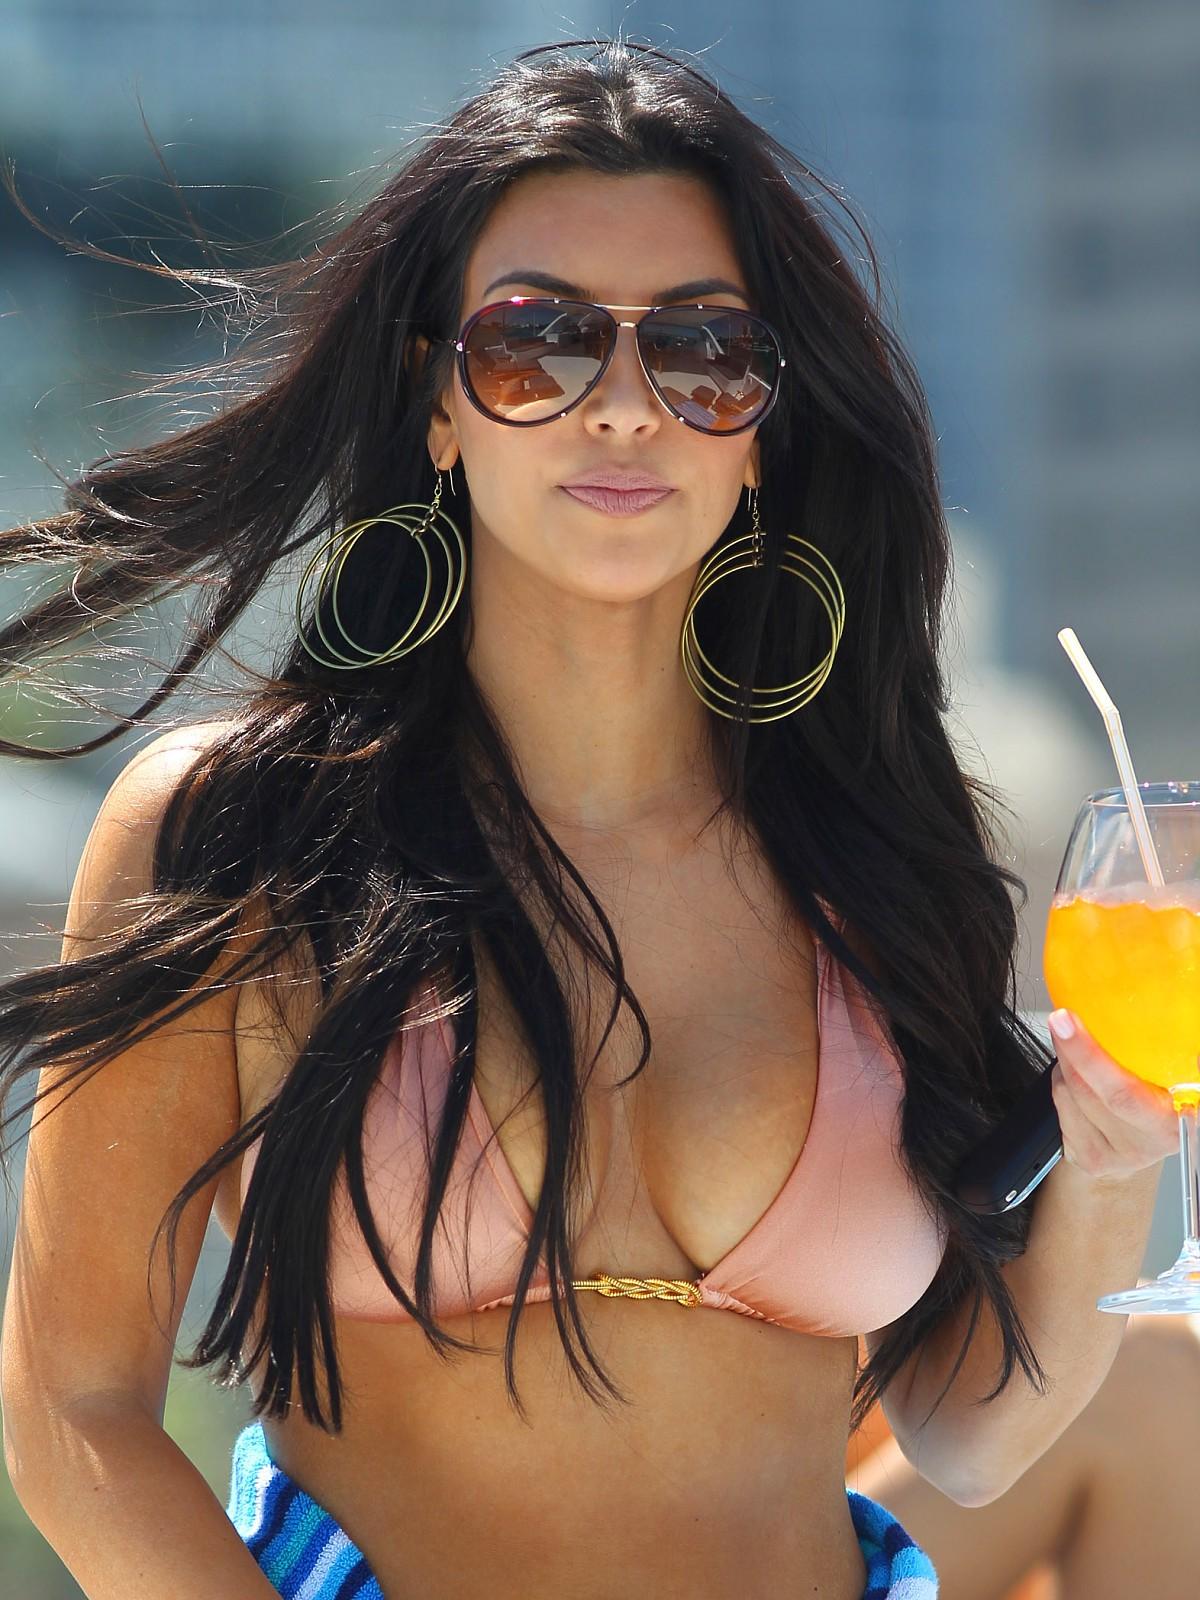 http://3.bp.blogspot.com/-SejrkM5bWZI/UFJTM3TgTzI/AAAAAAAAGo4/xvY7xE7lglQ/s1600/1_kim-kardashian-bikini-1-03.jpg